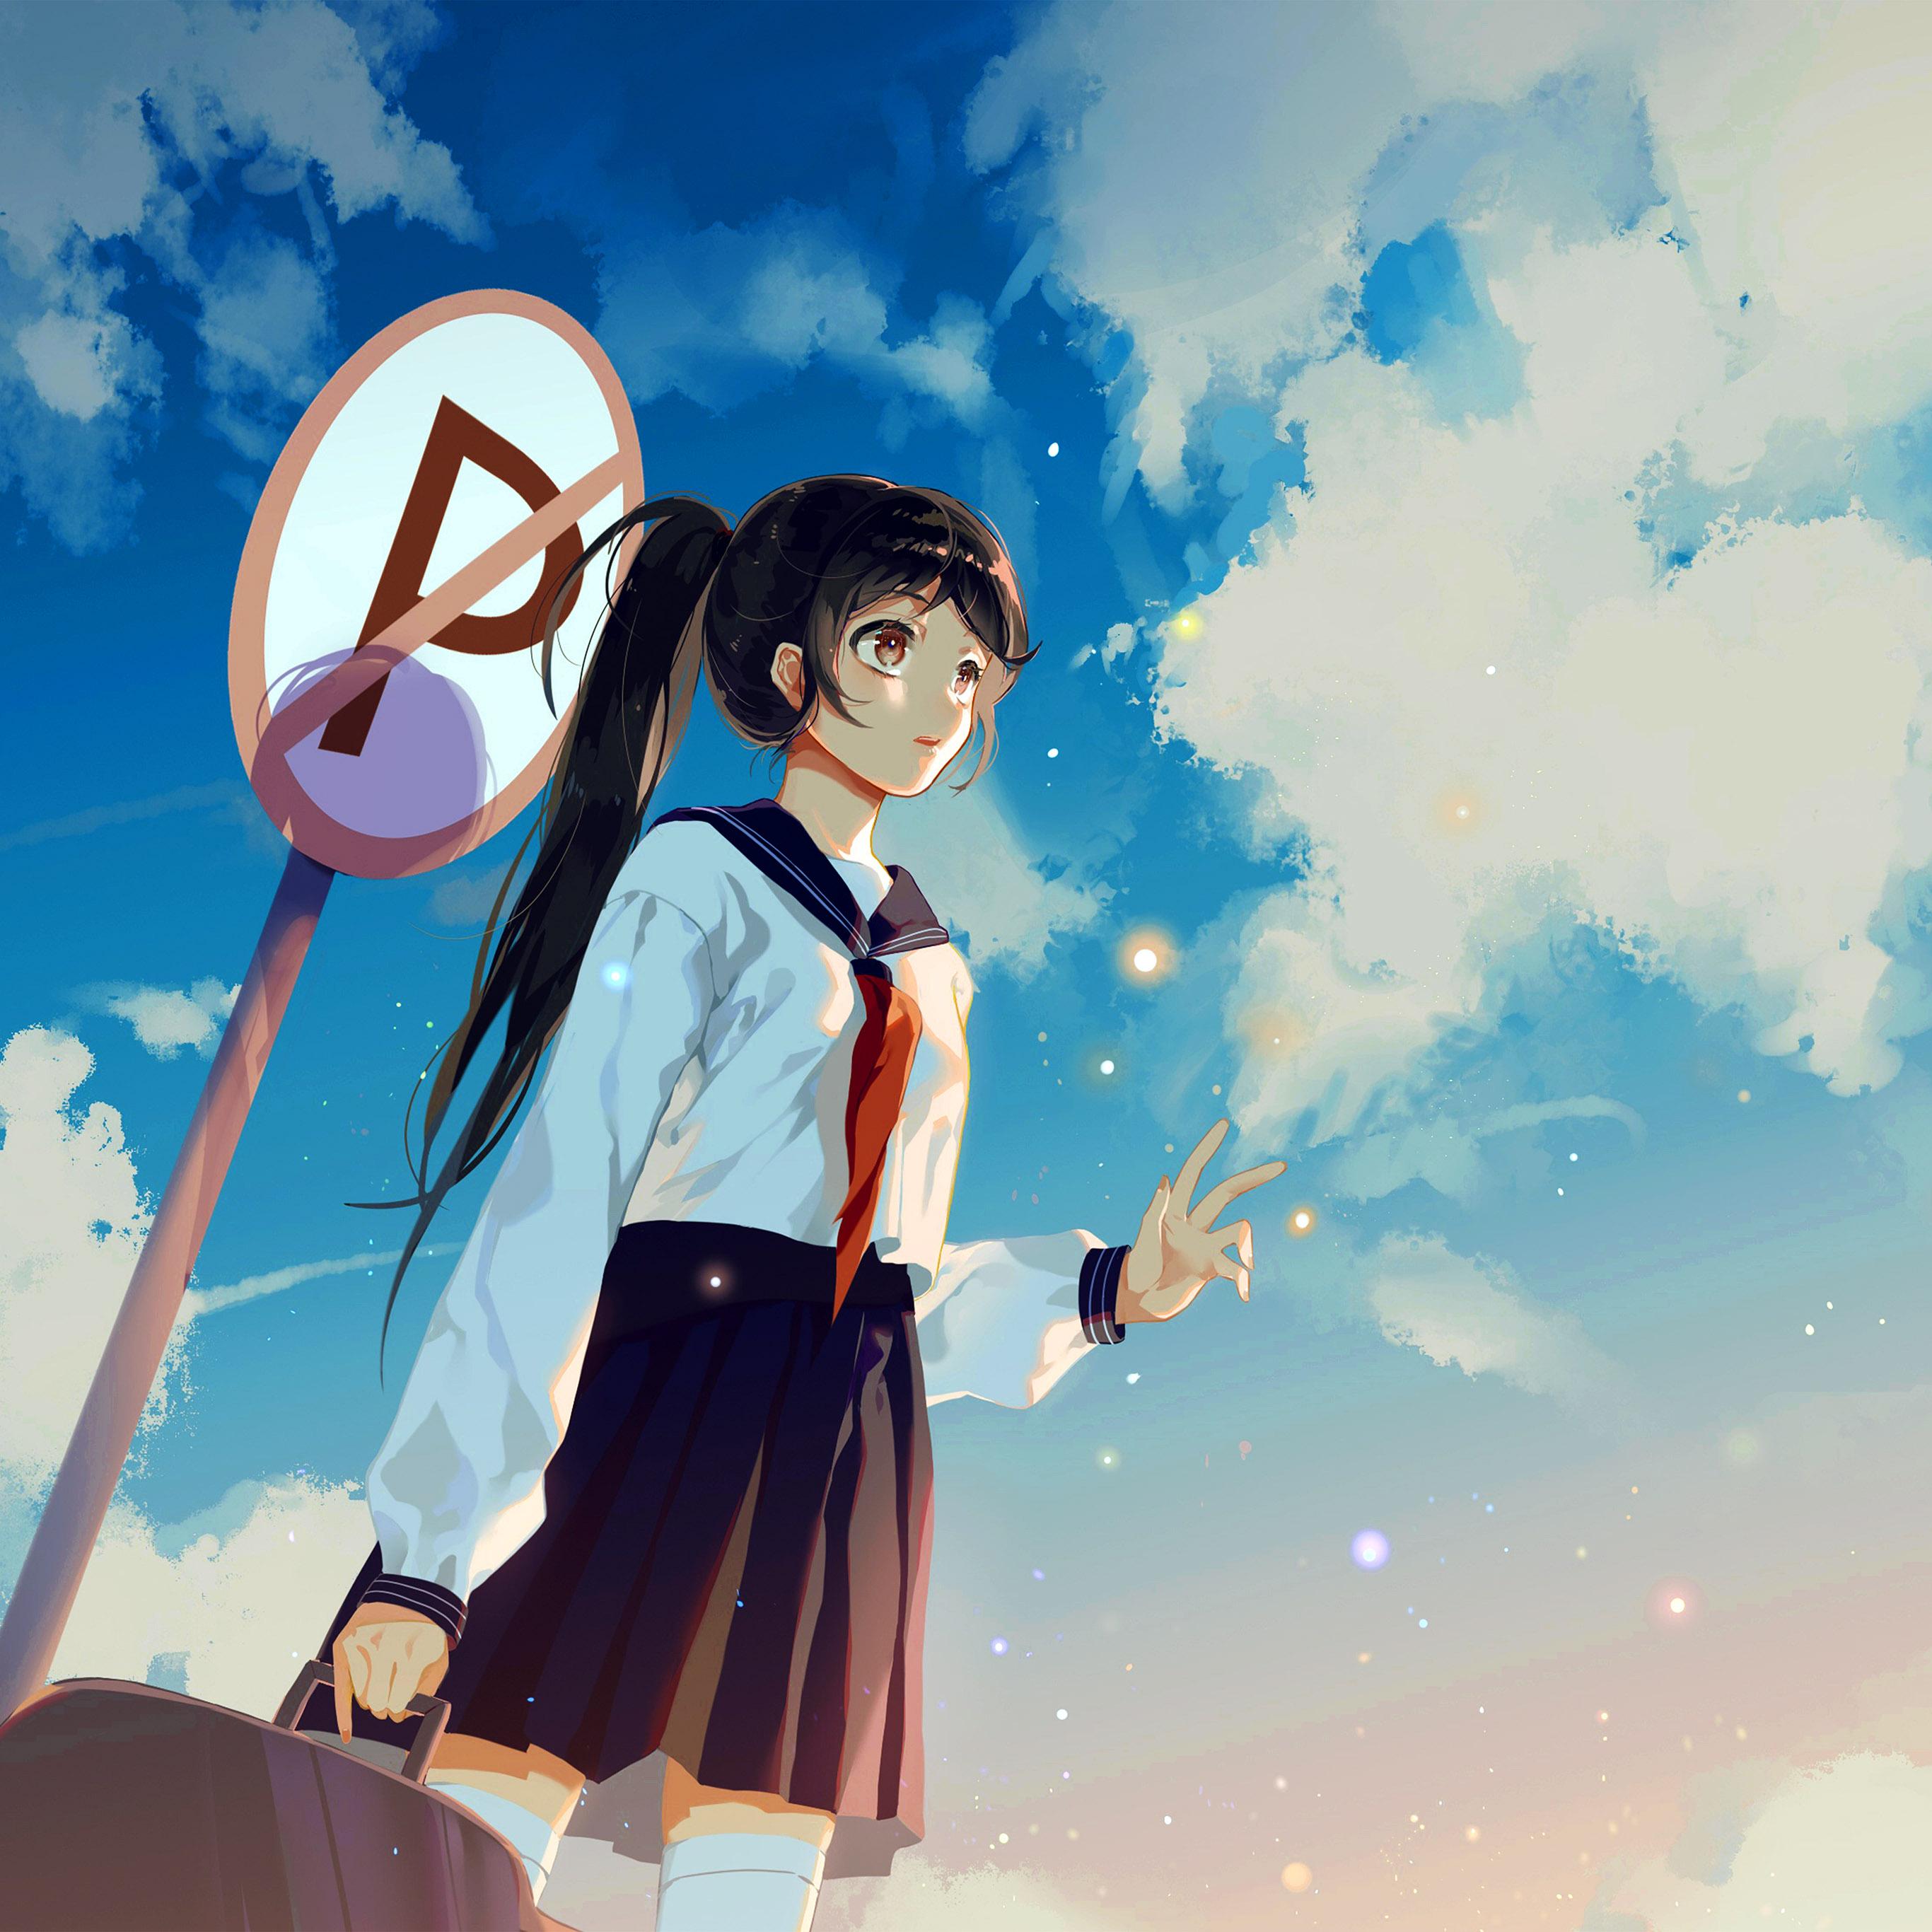 Bc67 Girl School Girl Anime Sky Cloud Star Art Illustration Wallpaper